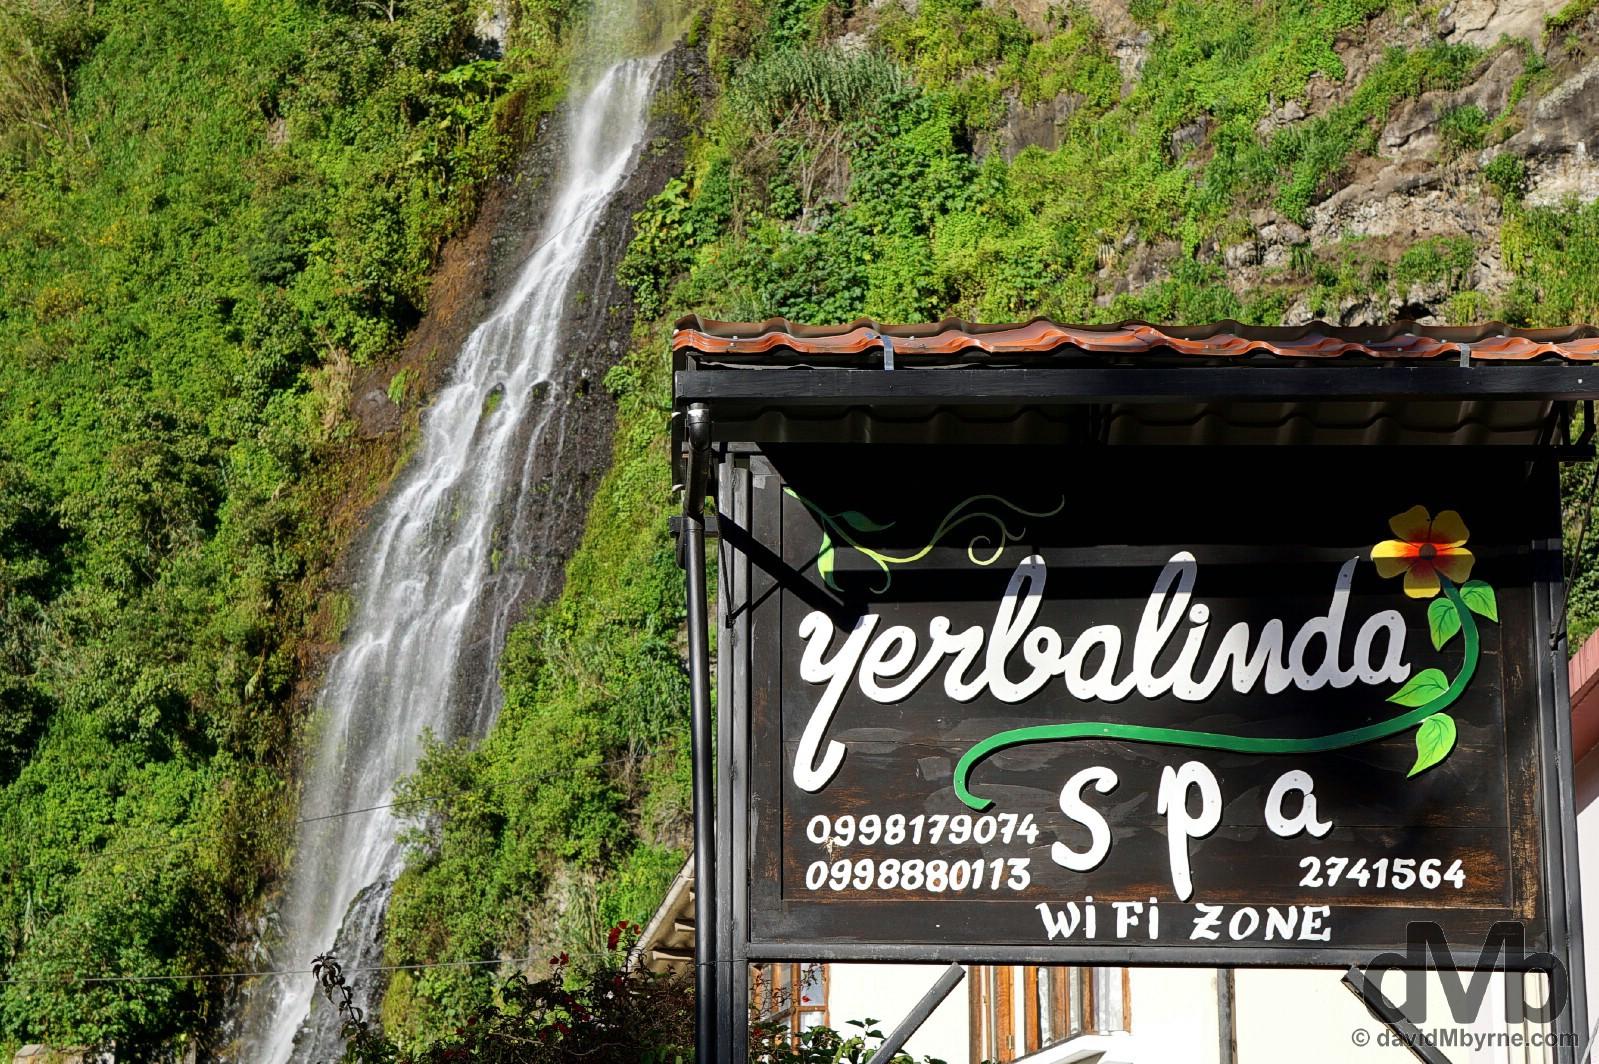 Waterfalls & spa resorts. That's Banos, Ecuador. July 9, 2015.